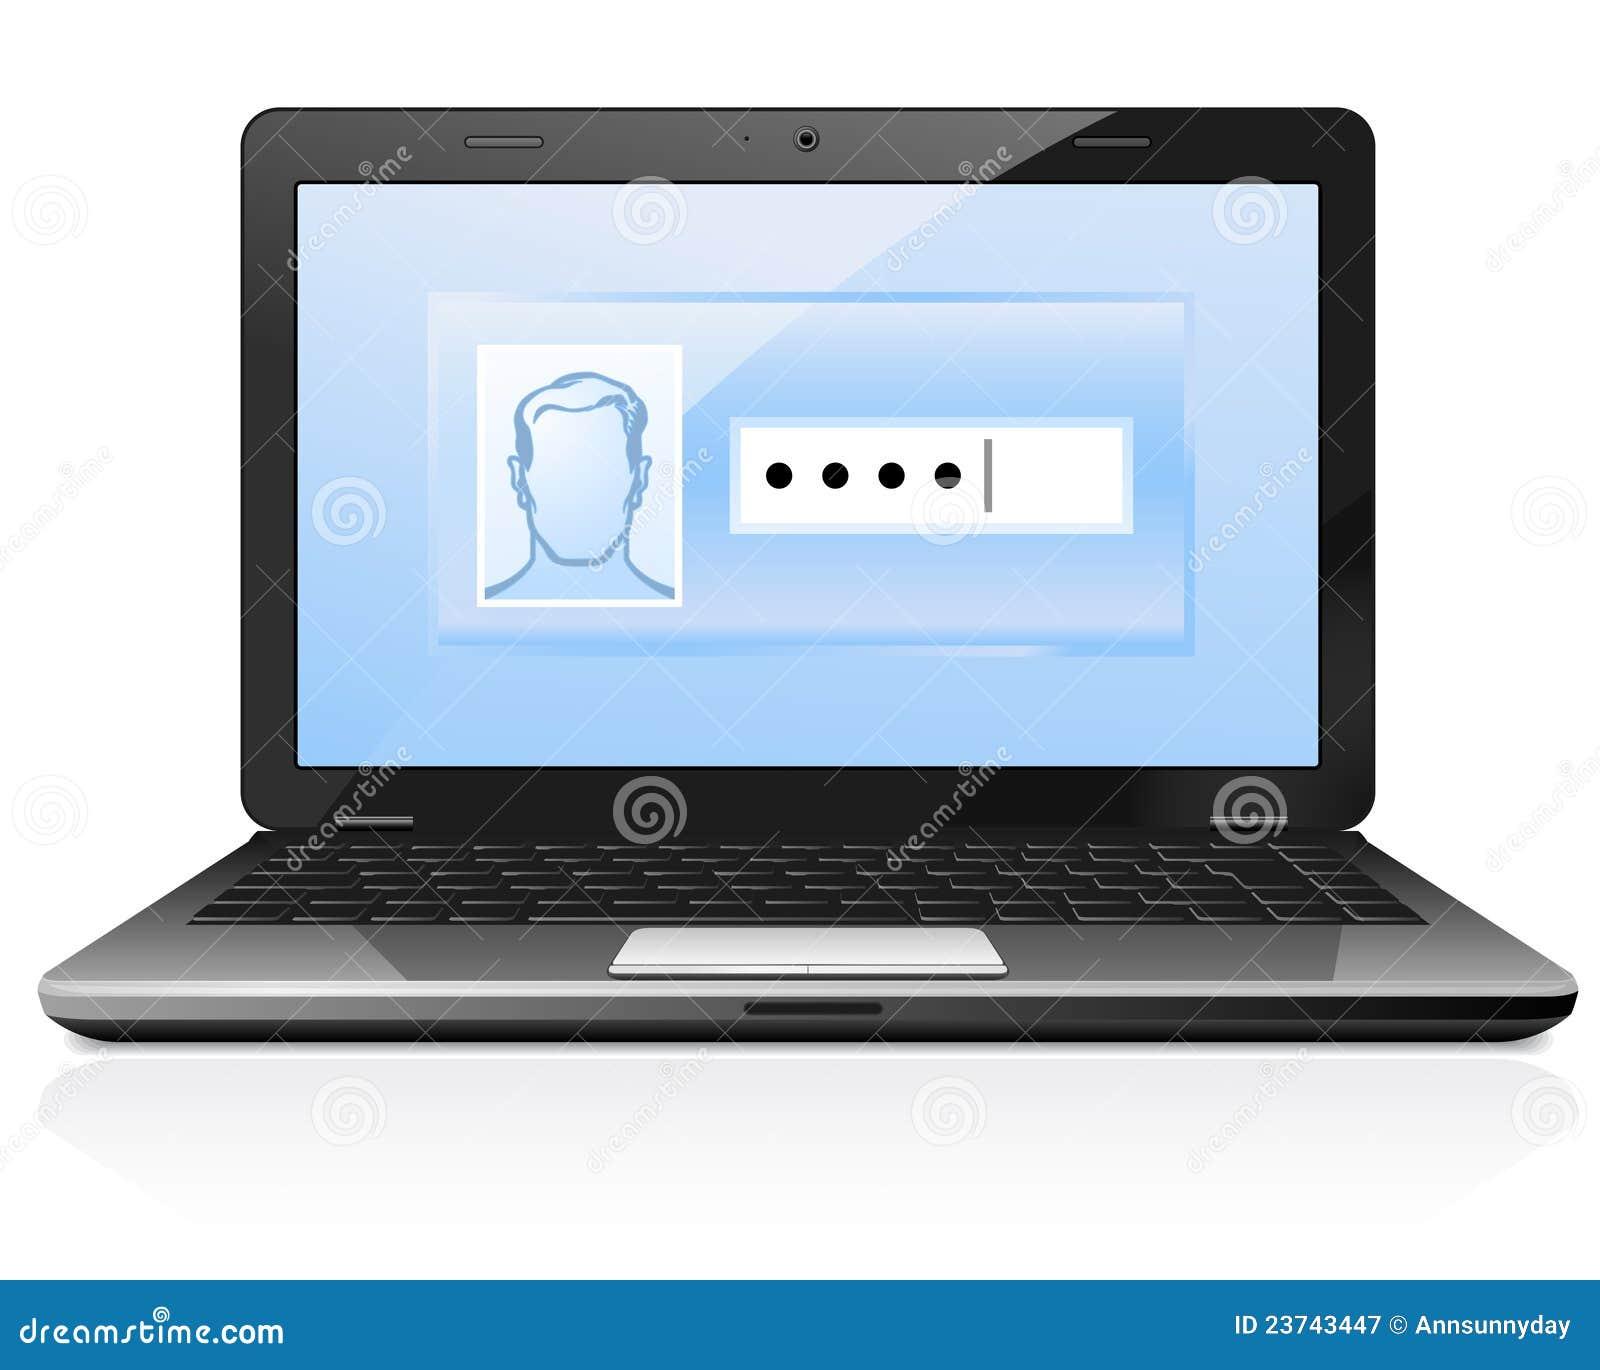 how to open password protected zip